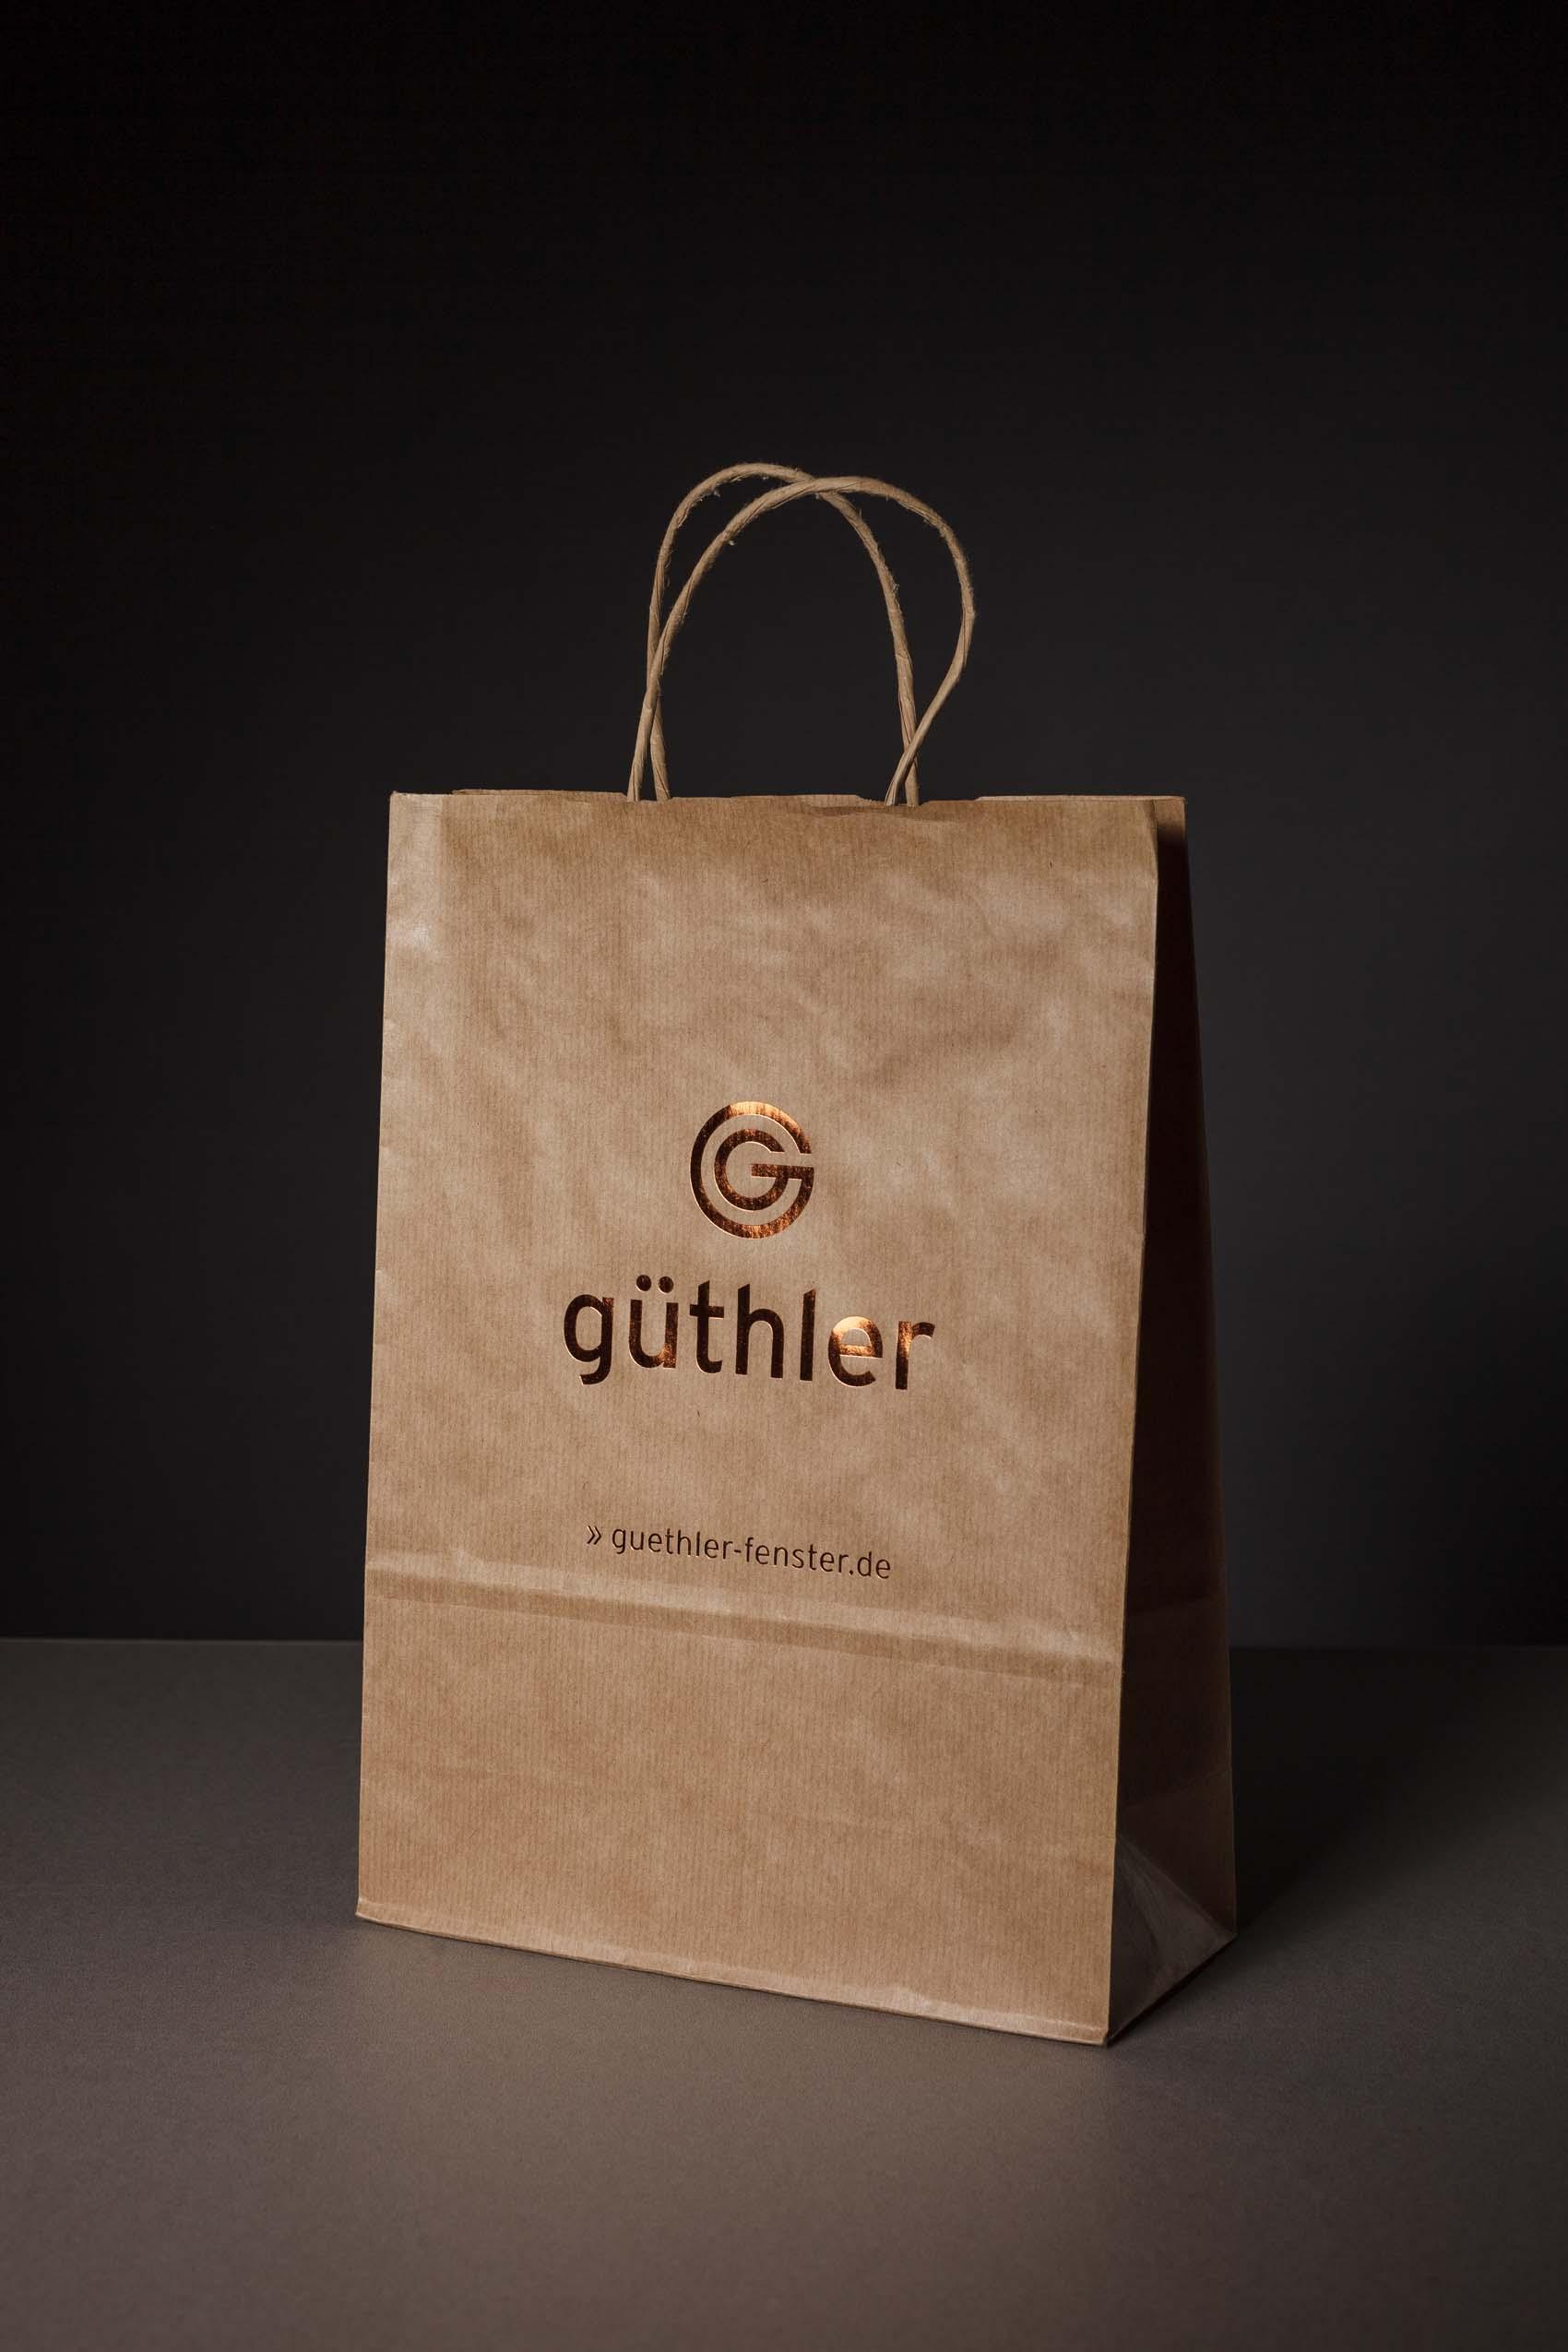 Papiertasche als Goodie Bag mit Heißfolienveredelung